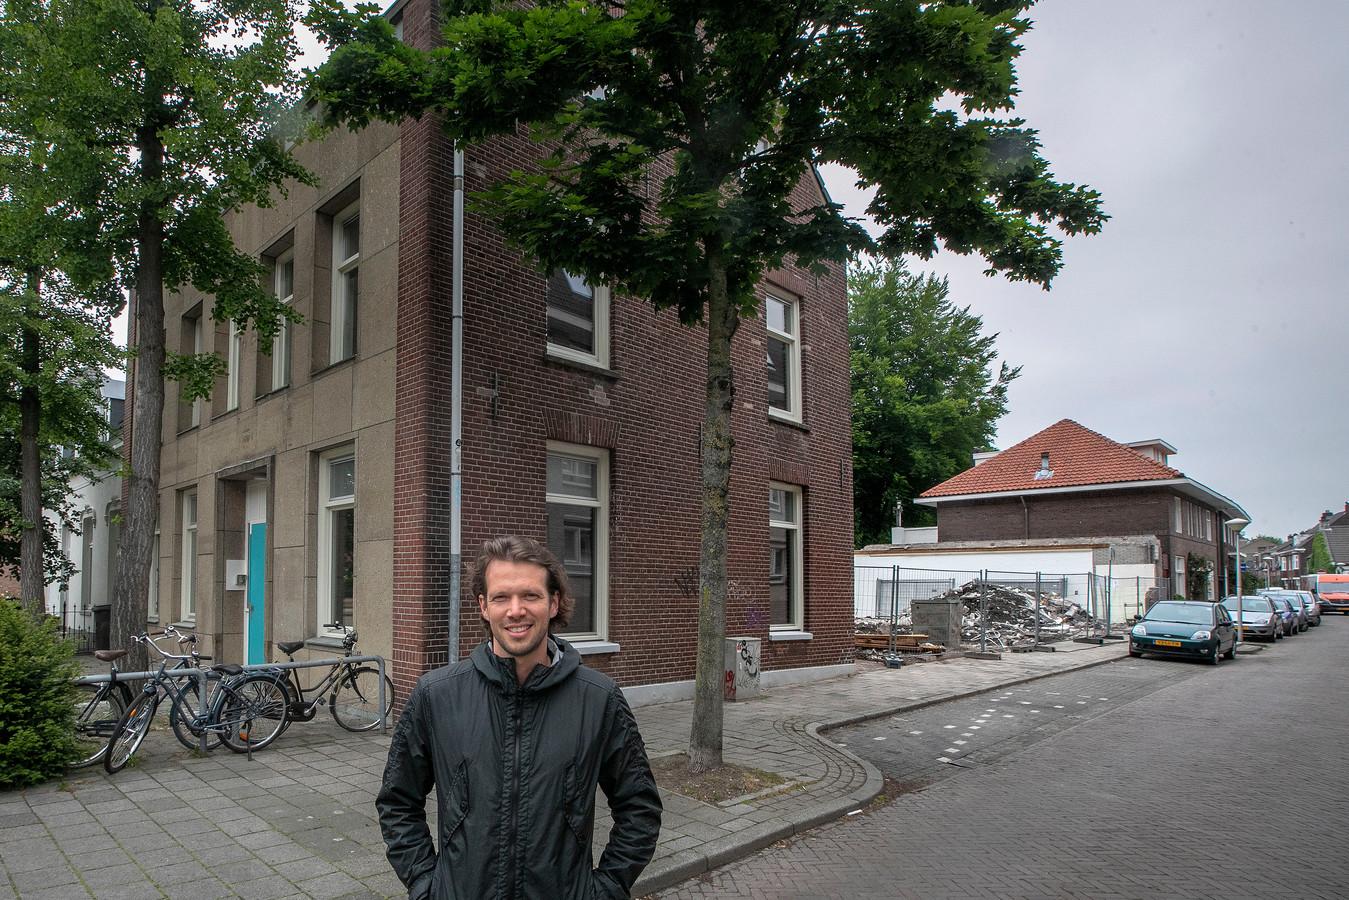 Eindhoven Reinier van Abbe bij zijn project op de hoek Rochusstraat-Stratumsedijk; dat is inmiddels klaar en de woningen zijn verkocht.